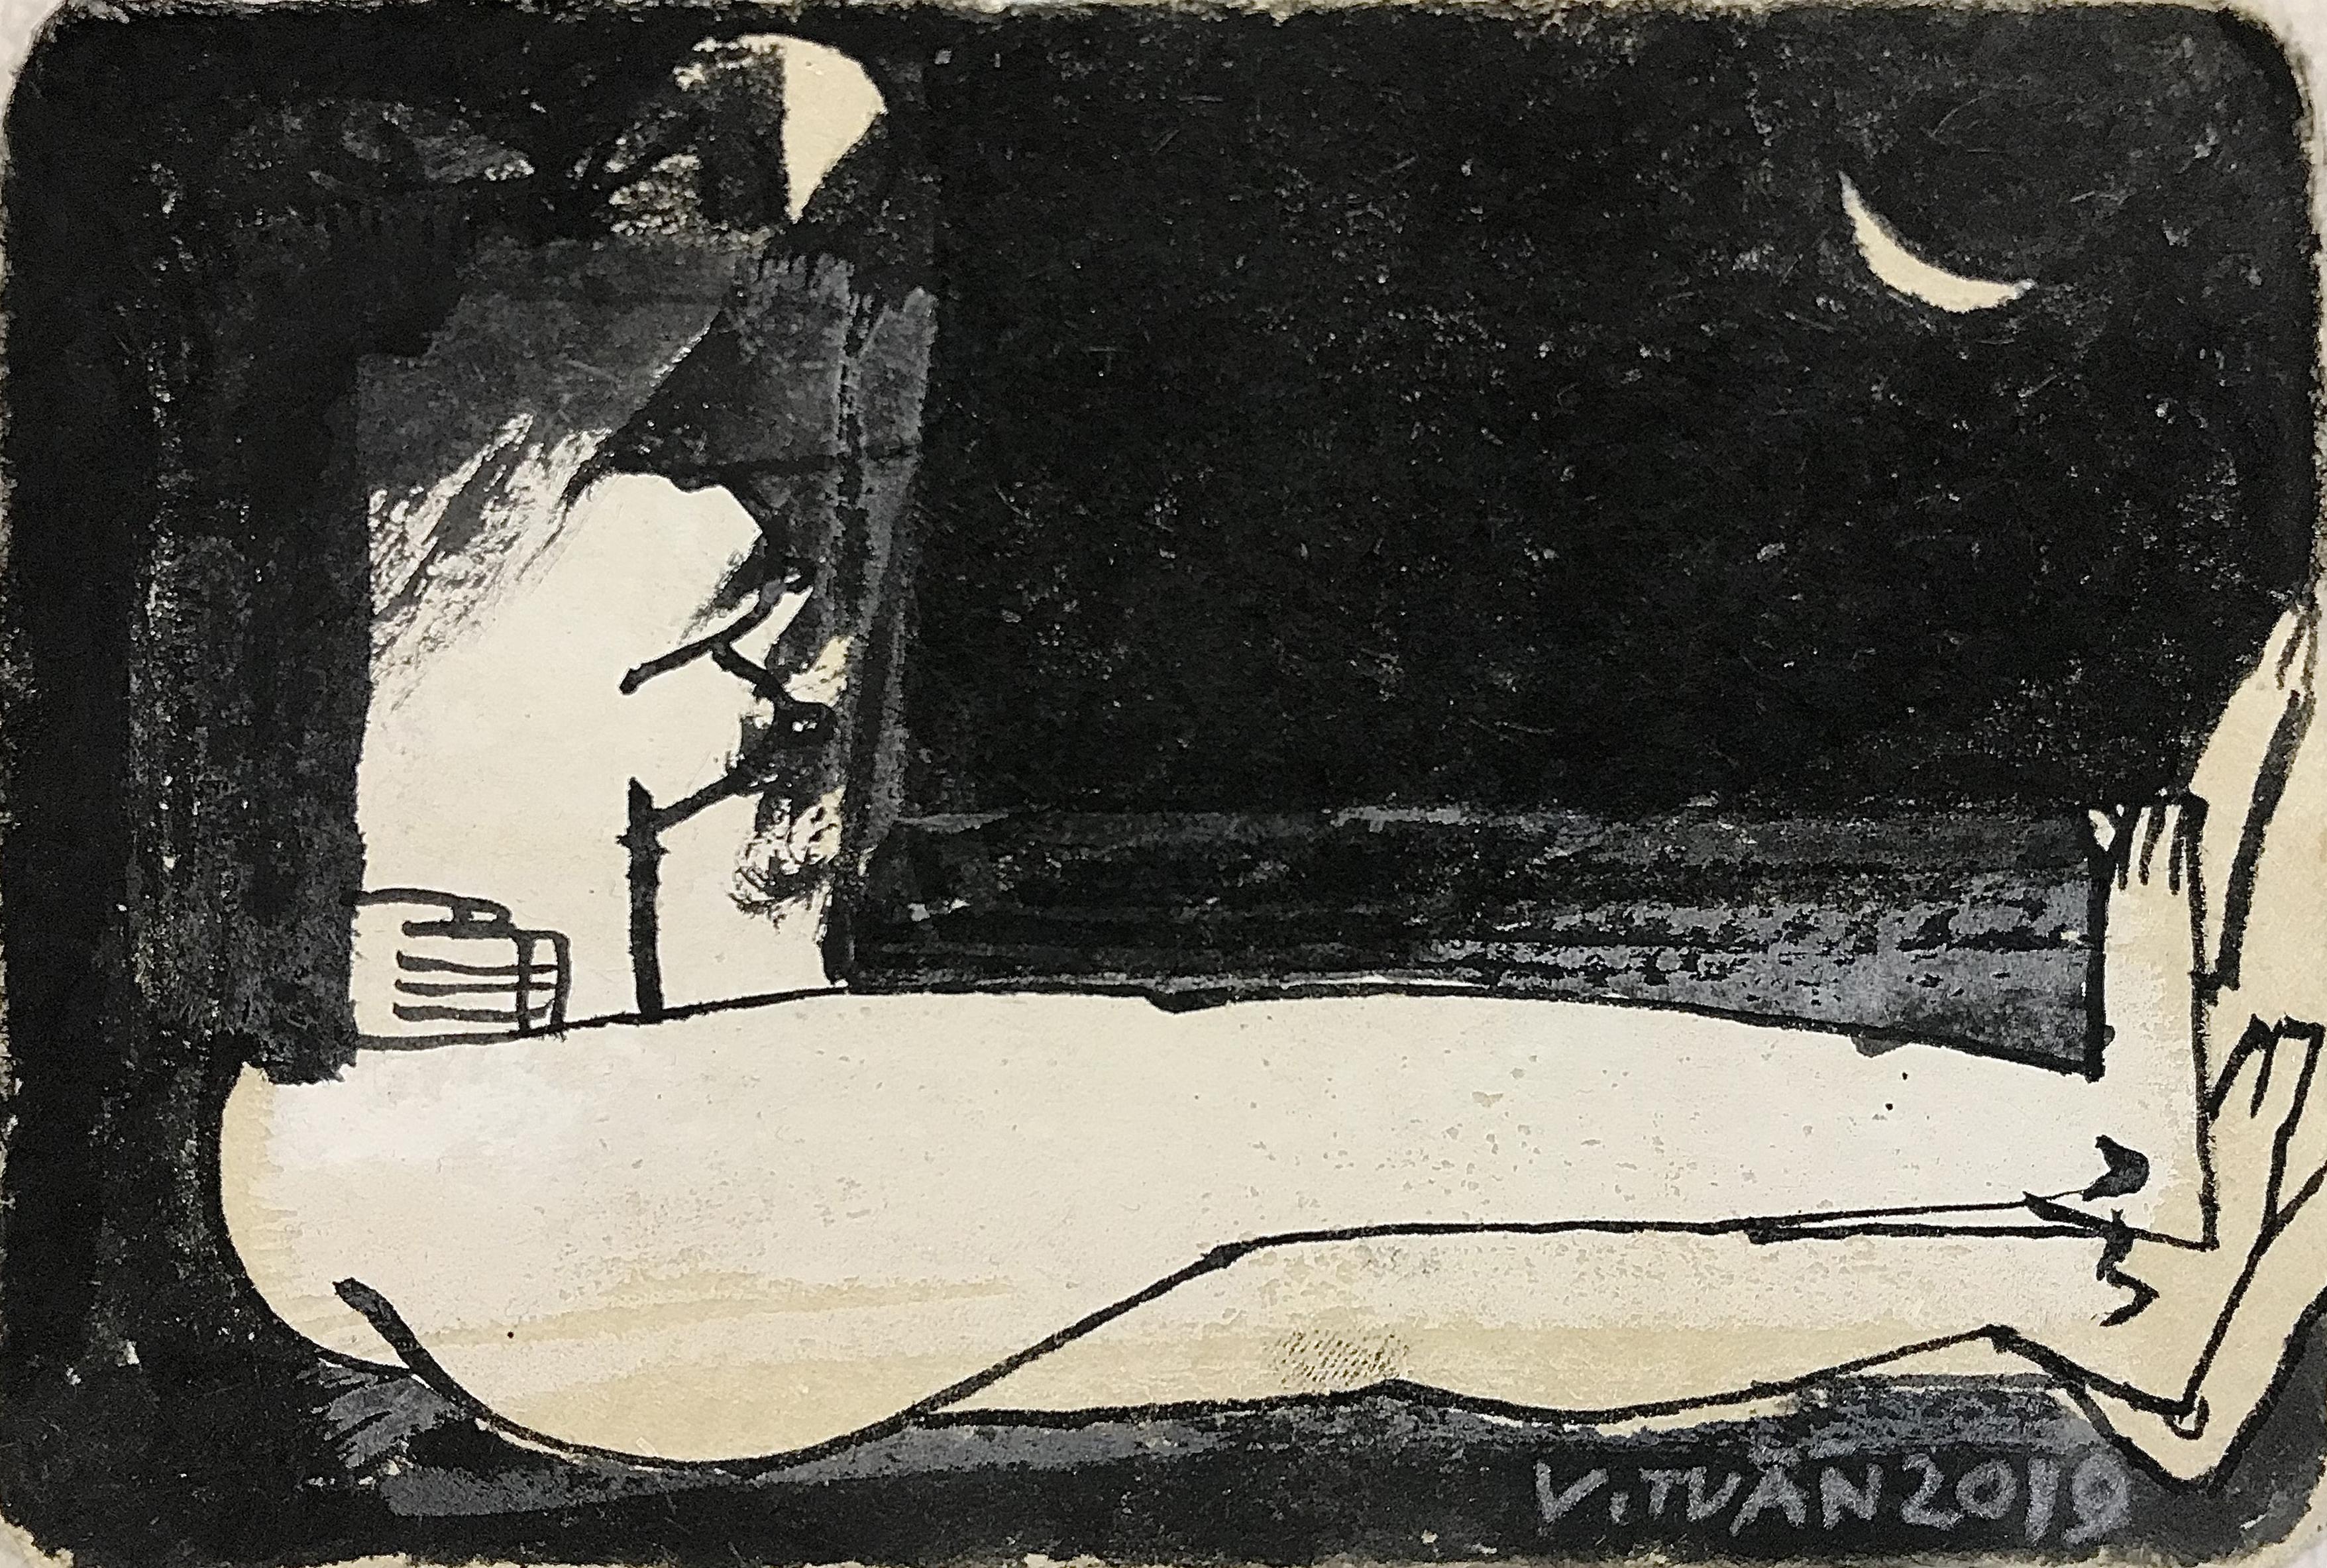 Trăng khuyết 02 | Crescent Moon 02